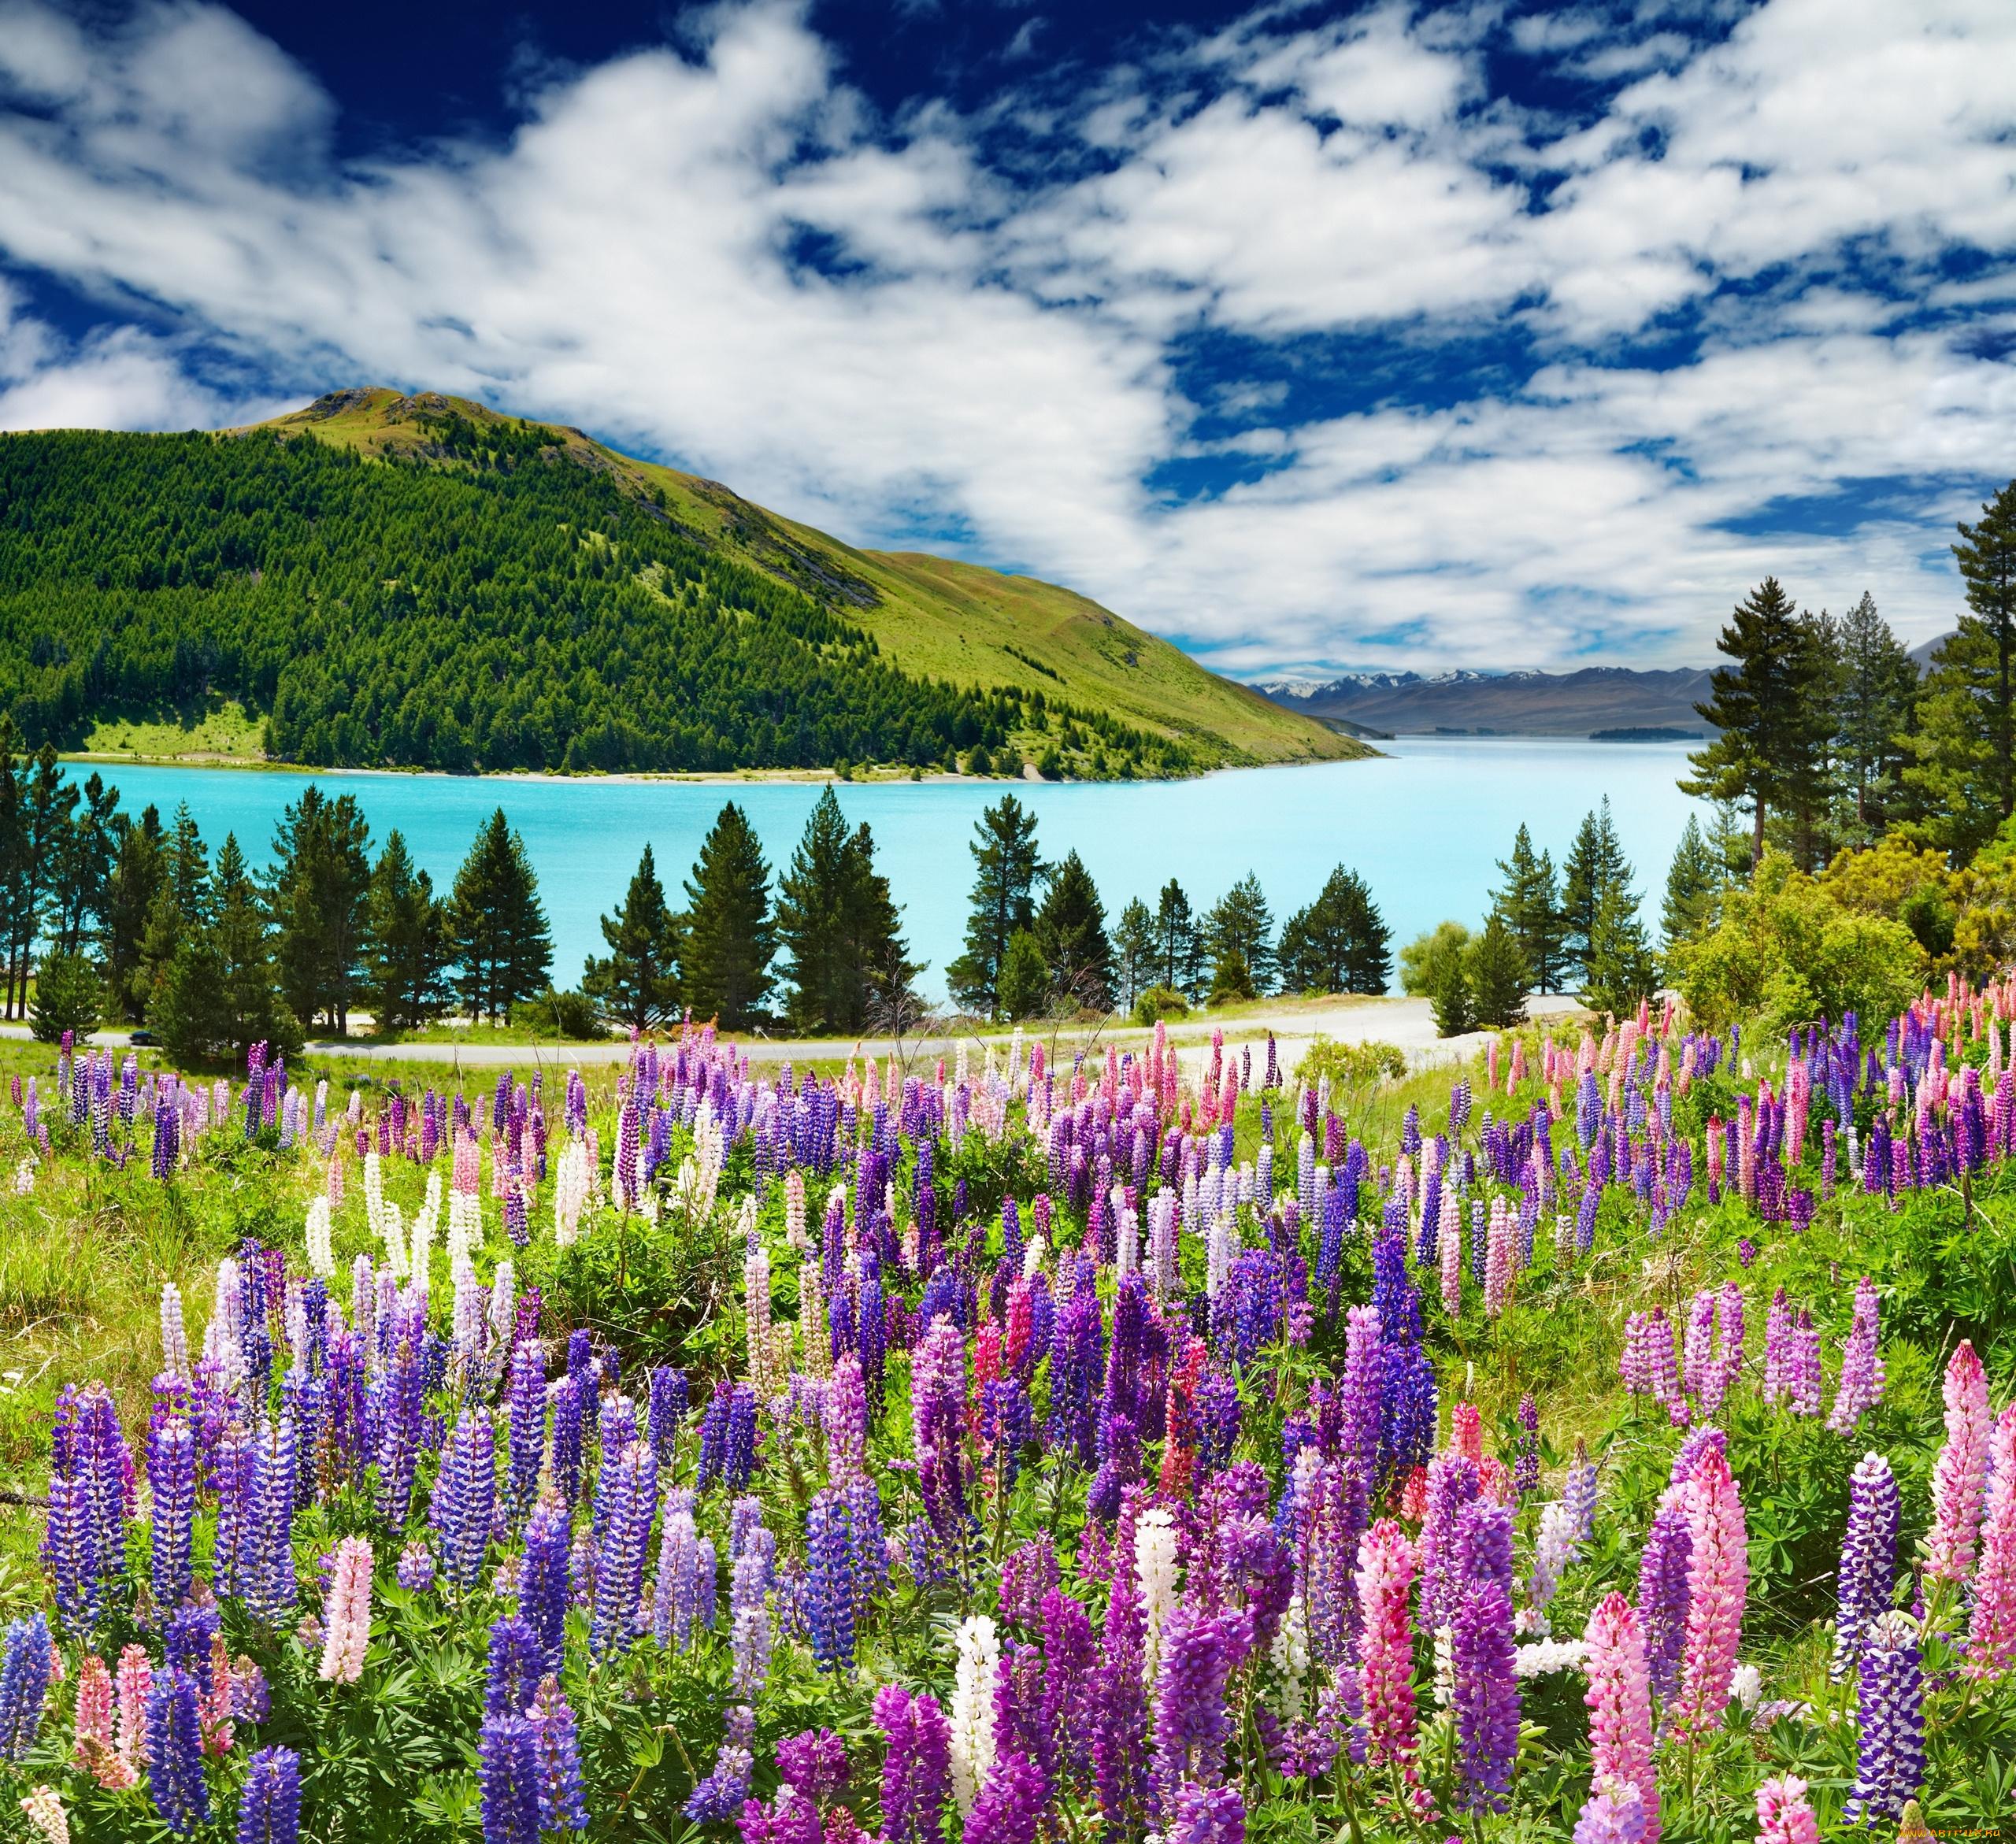 Облака, трава, цветы, озеро  № 1963048 загрузить